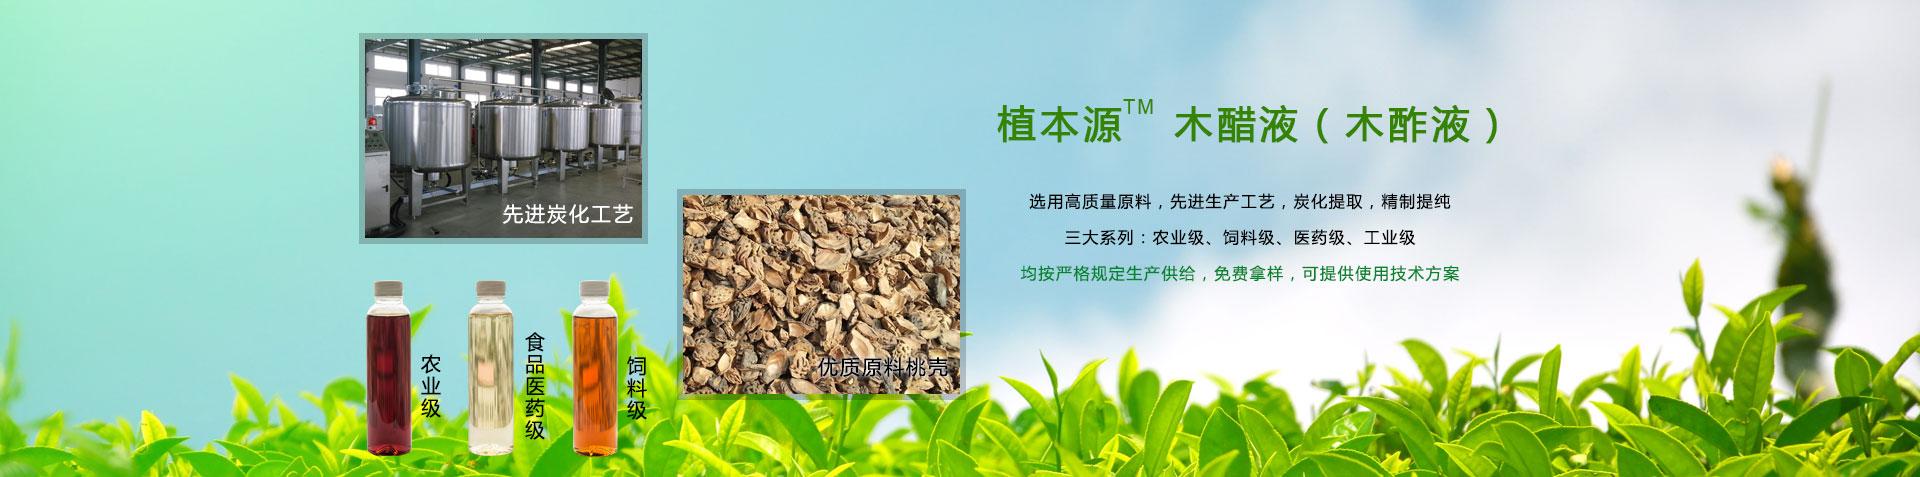 工业柱状活性炭,煤质柱状活性炭,柱状活性炭